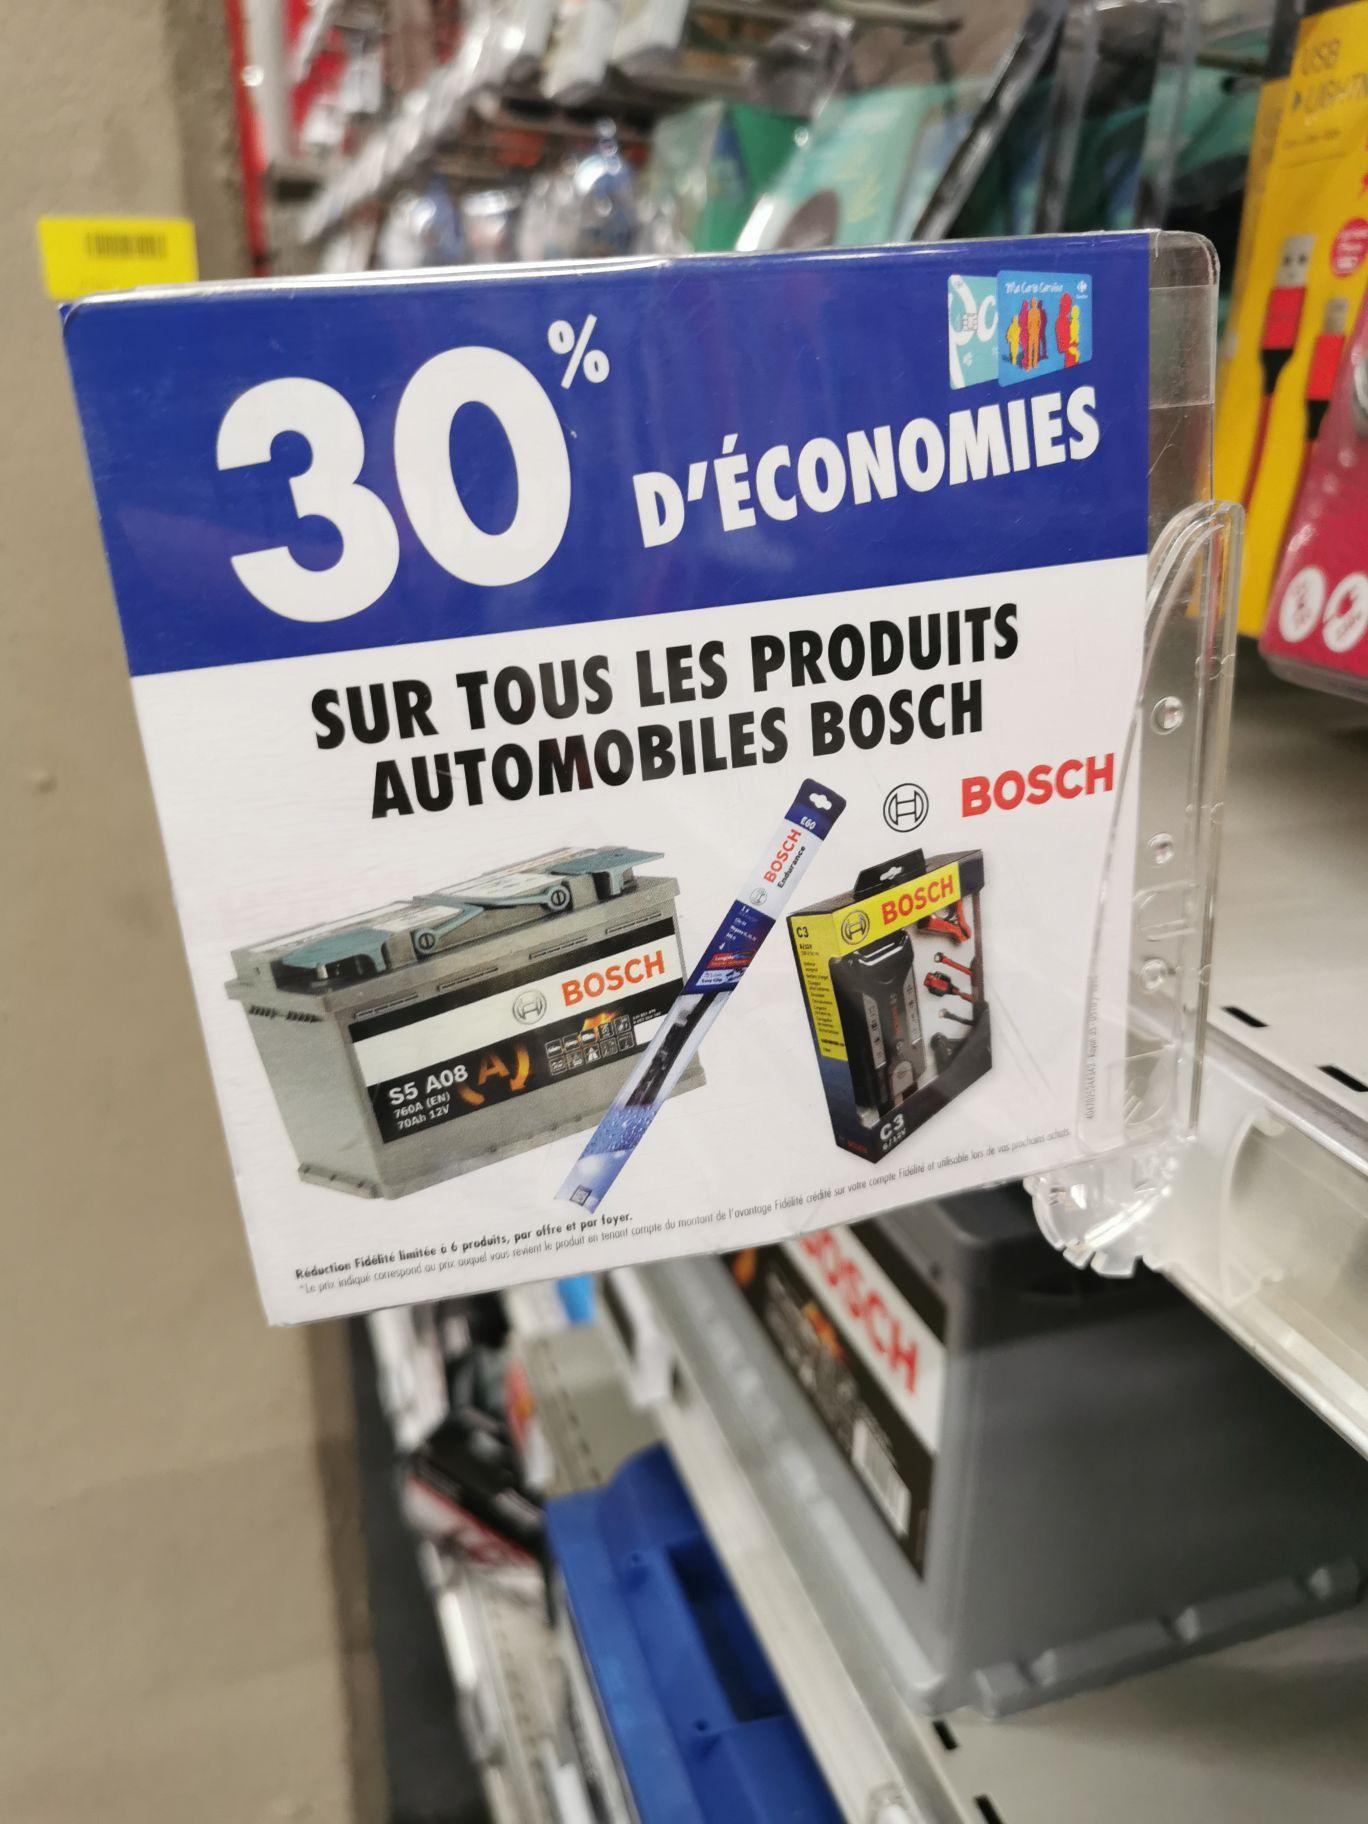 30% de remise fidélité sur les produits auto Bosch - Carrefour